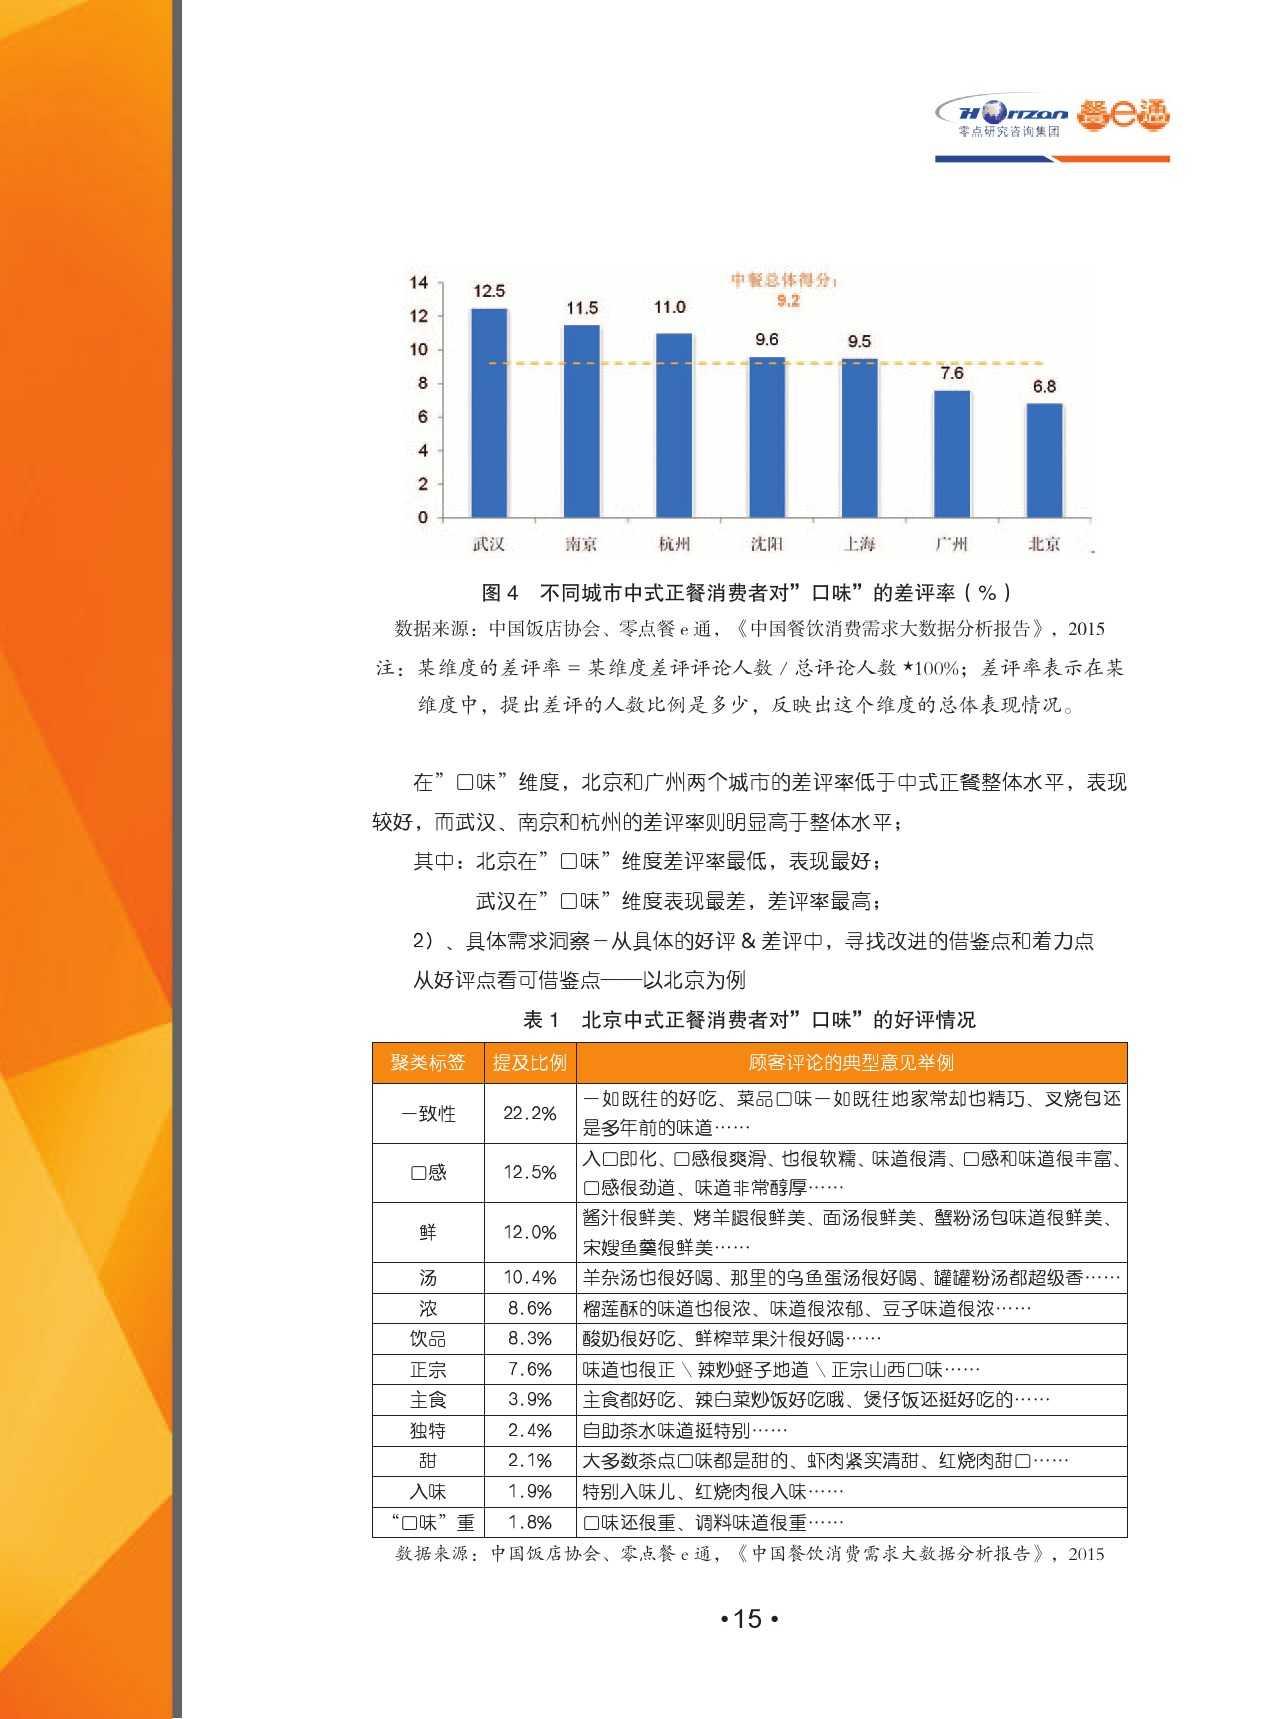 2015中国餐饮消费需求大数据分析报告_000017